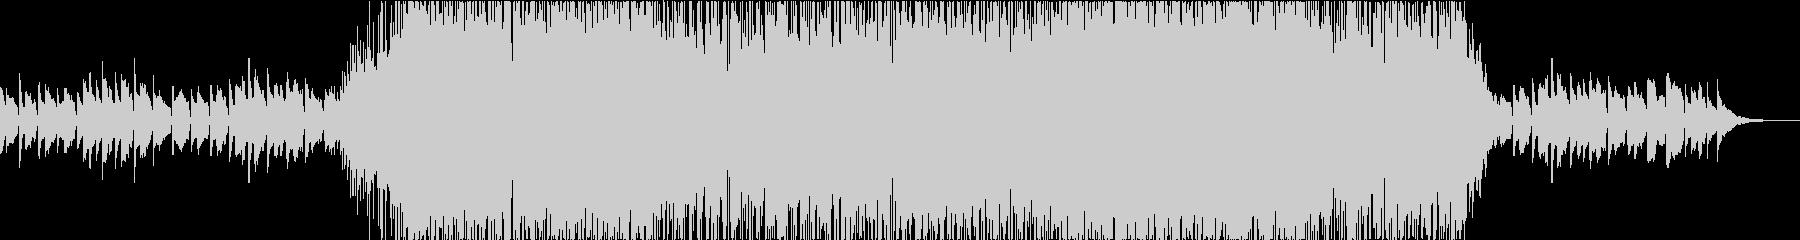 ジムノペディのメロディを引用したロックの未再生の波形